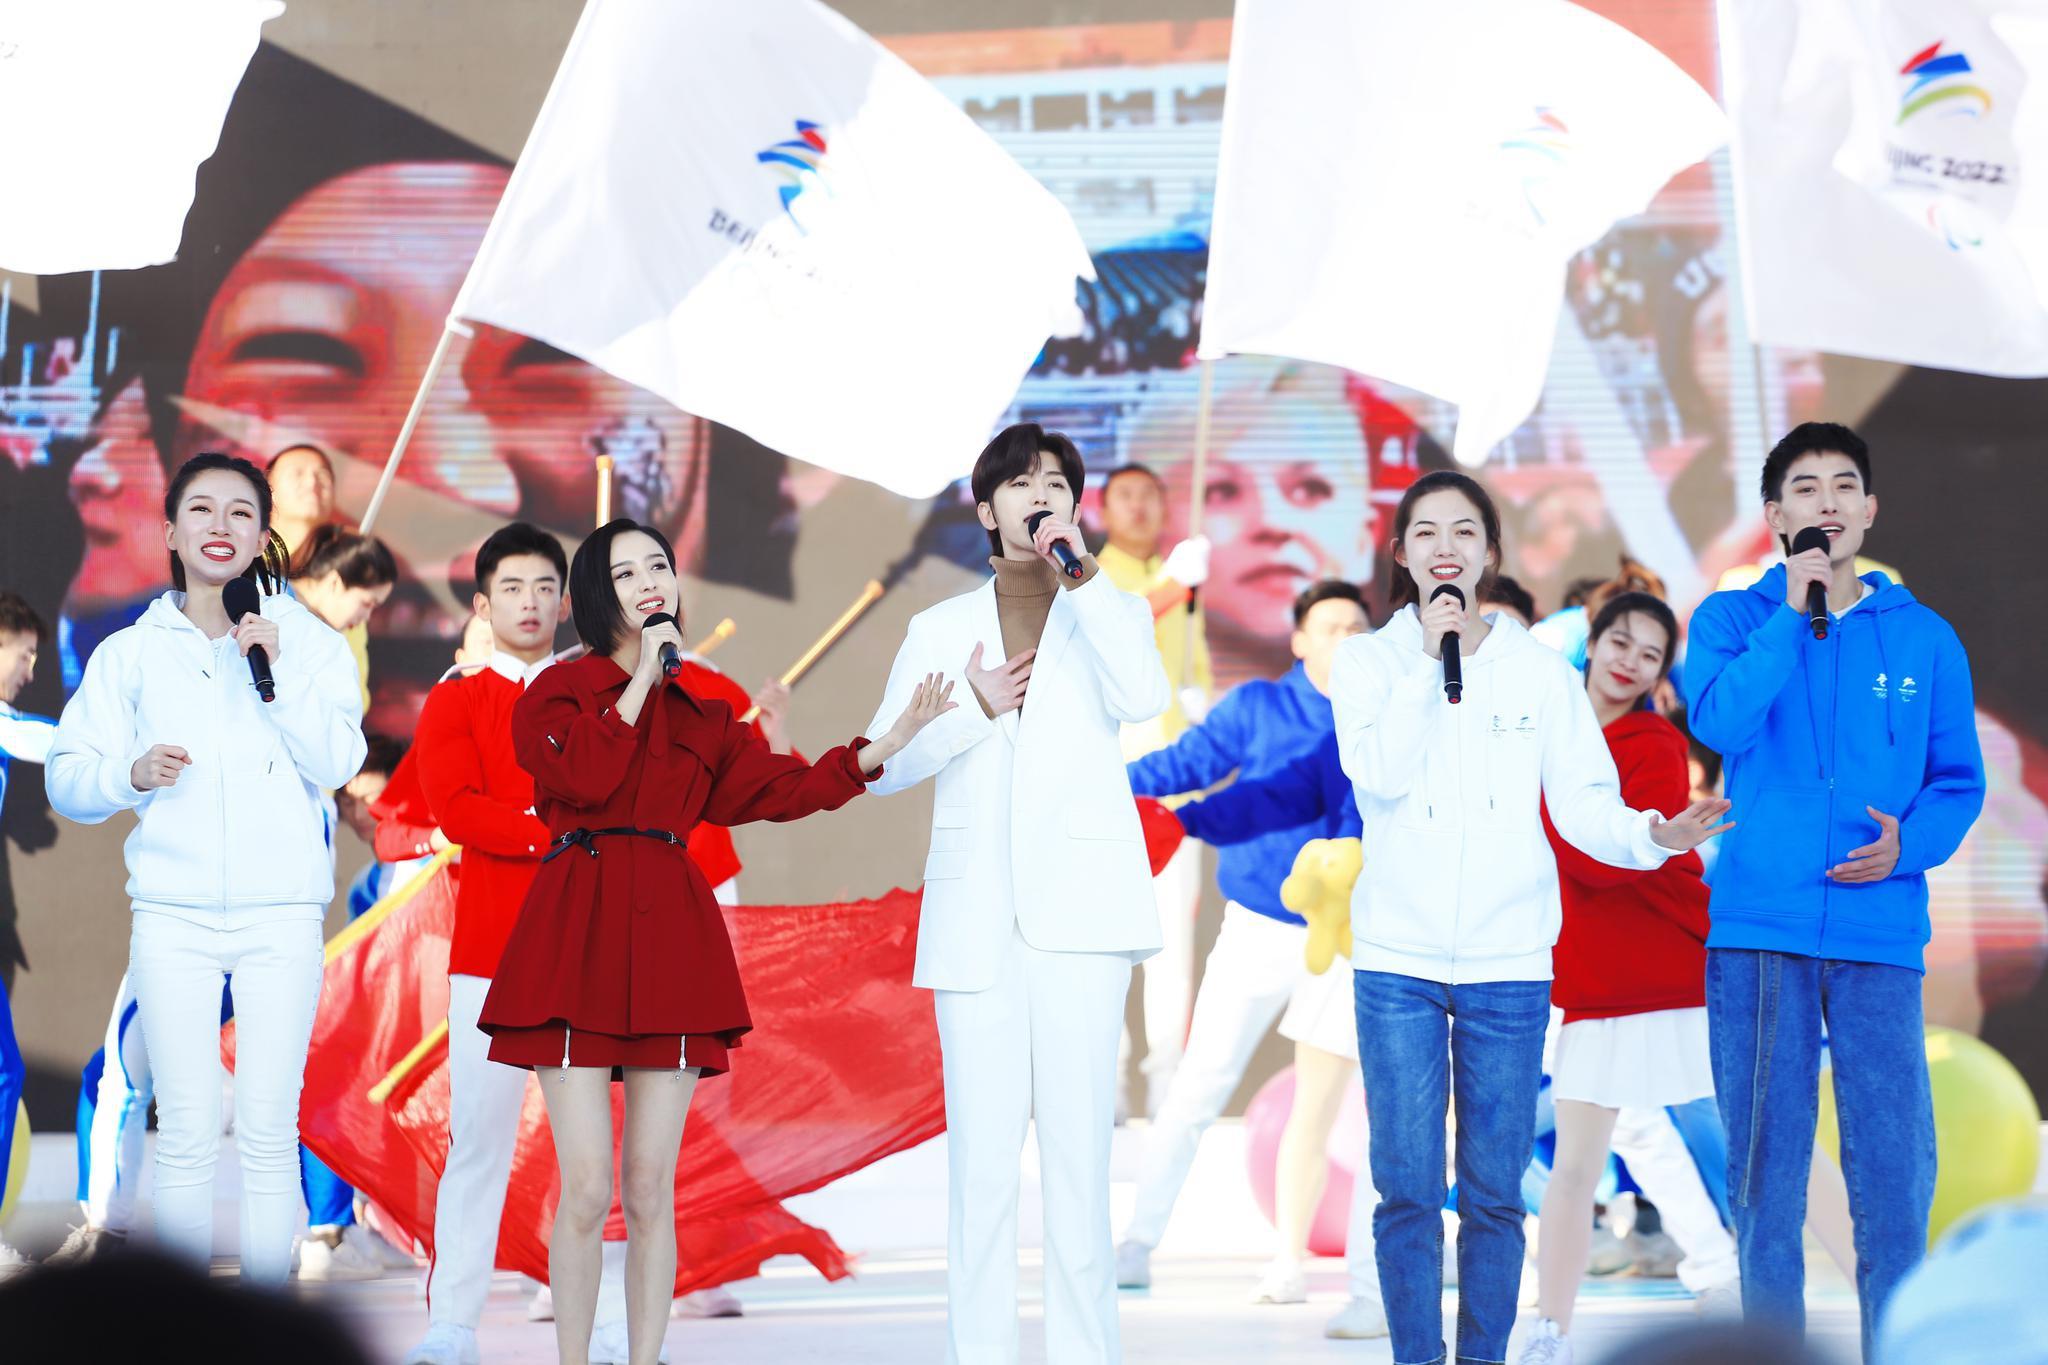 蔡徐坤佟丽娅献唱北京2022年冬奥会推广曲(图)